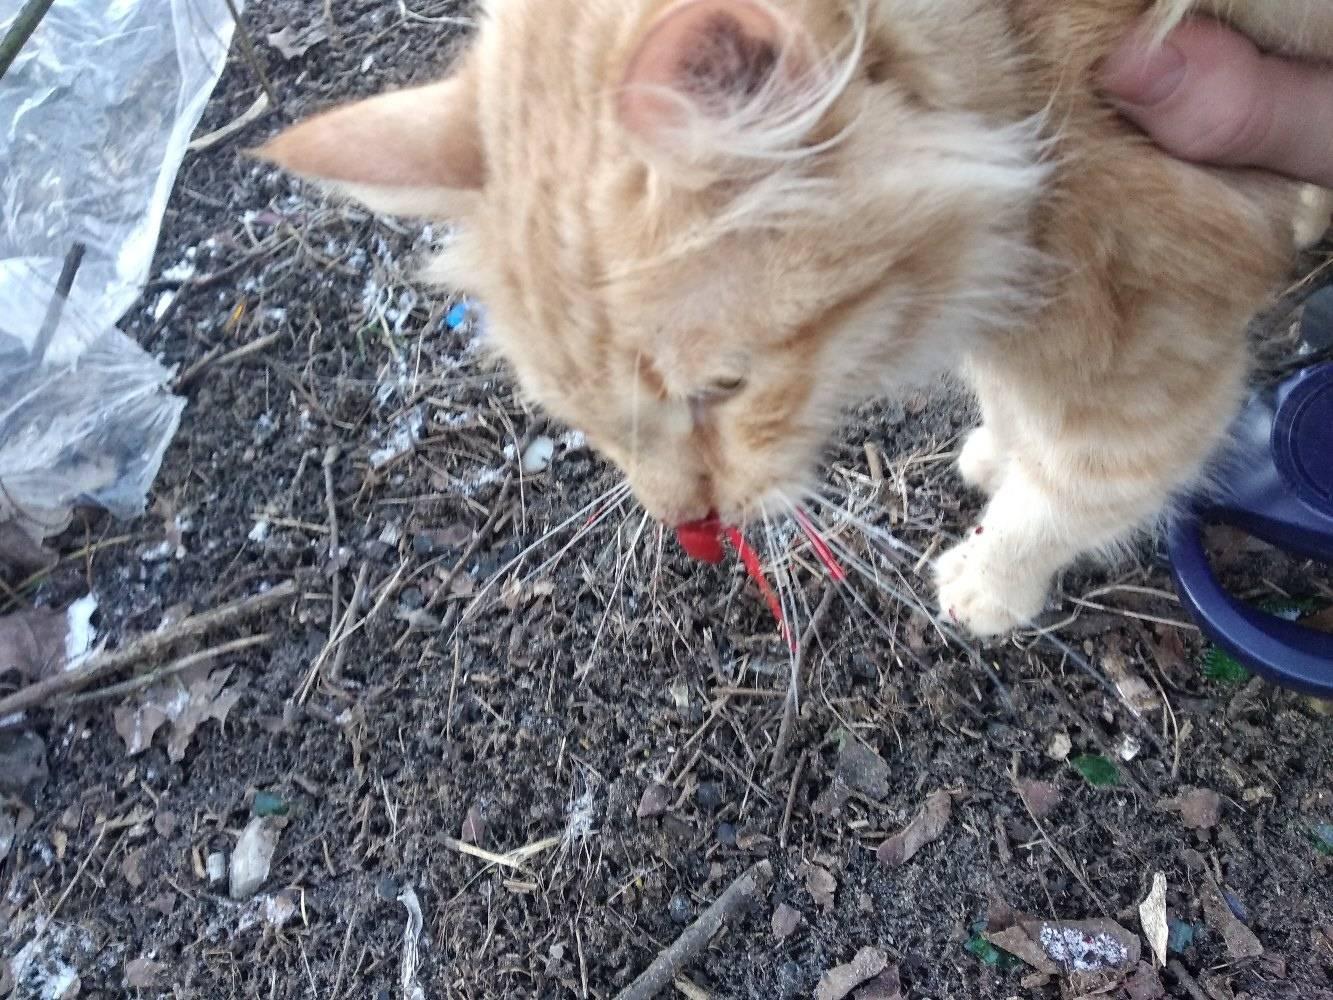 Совет ветеринара: что делать, если кот упал с высоты?